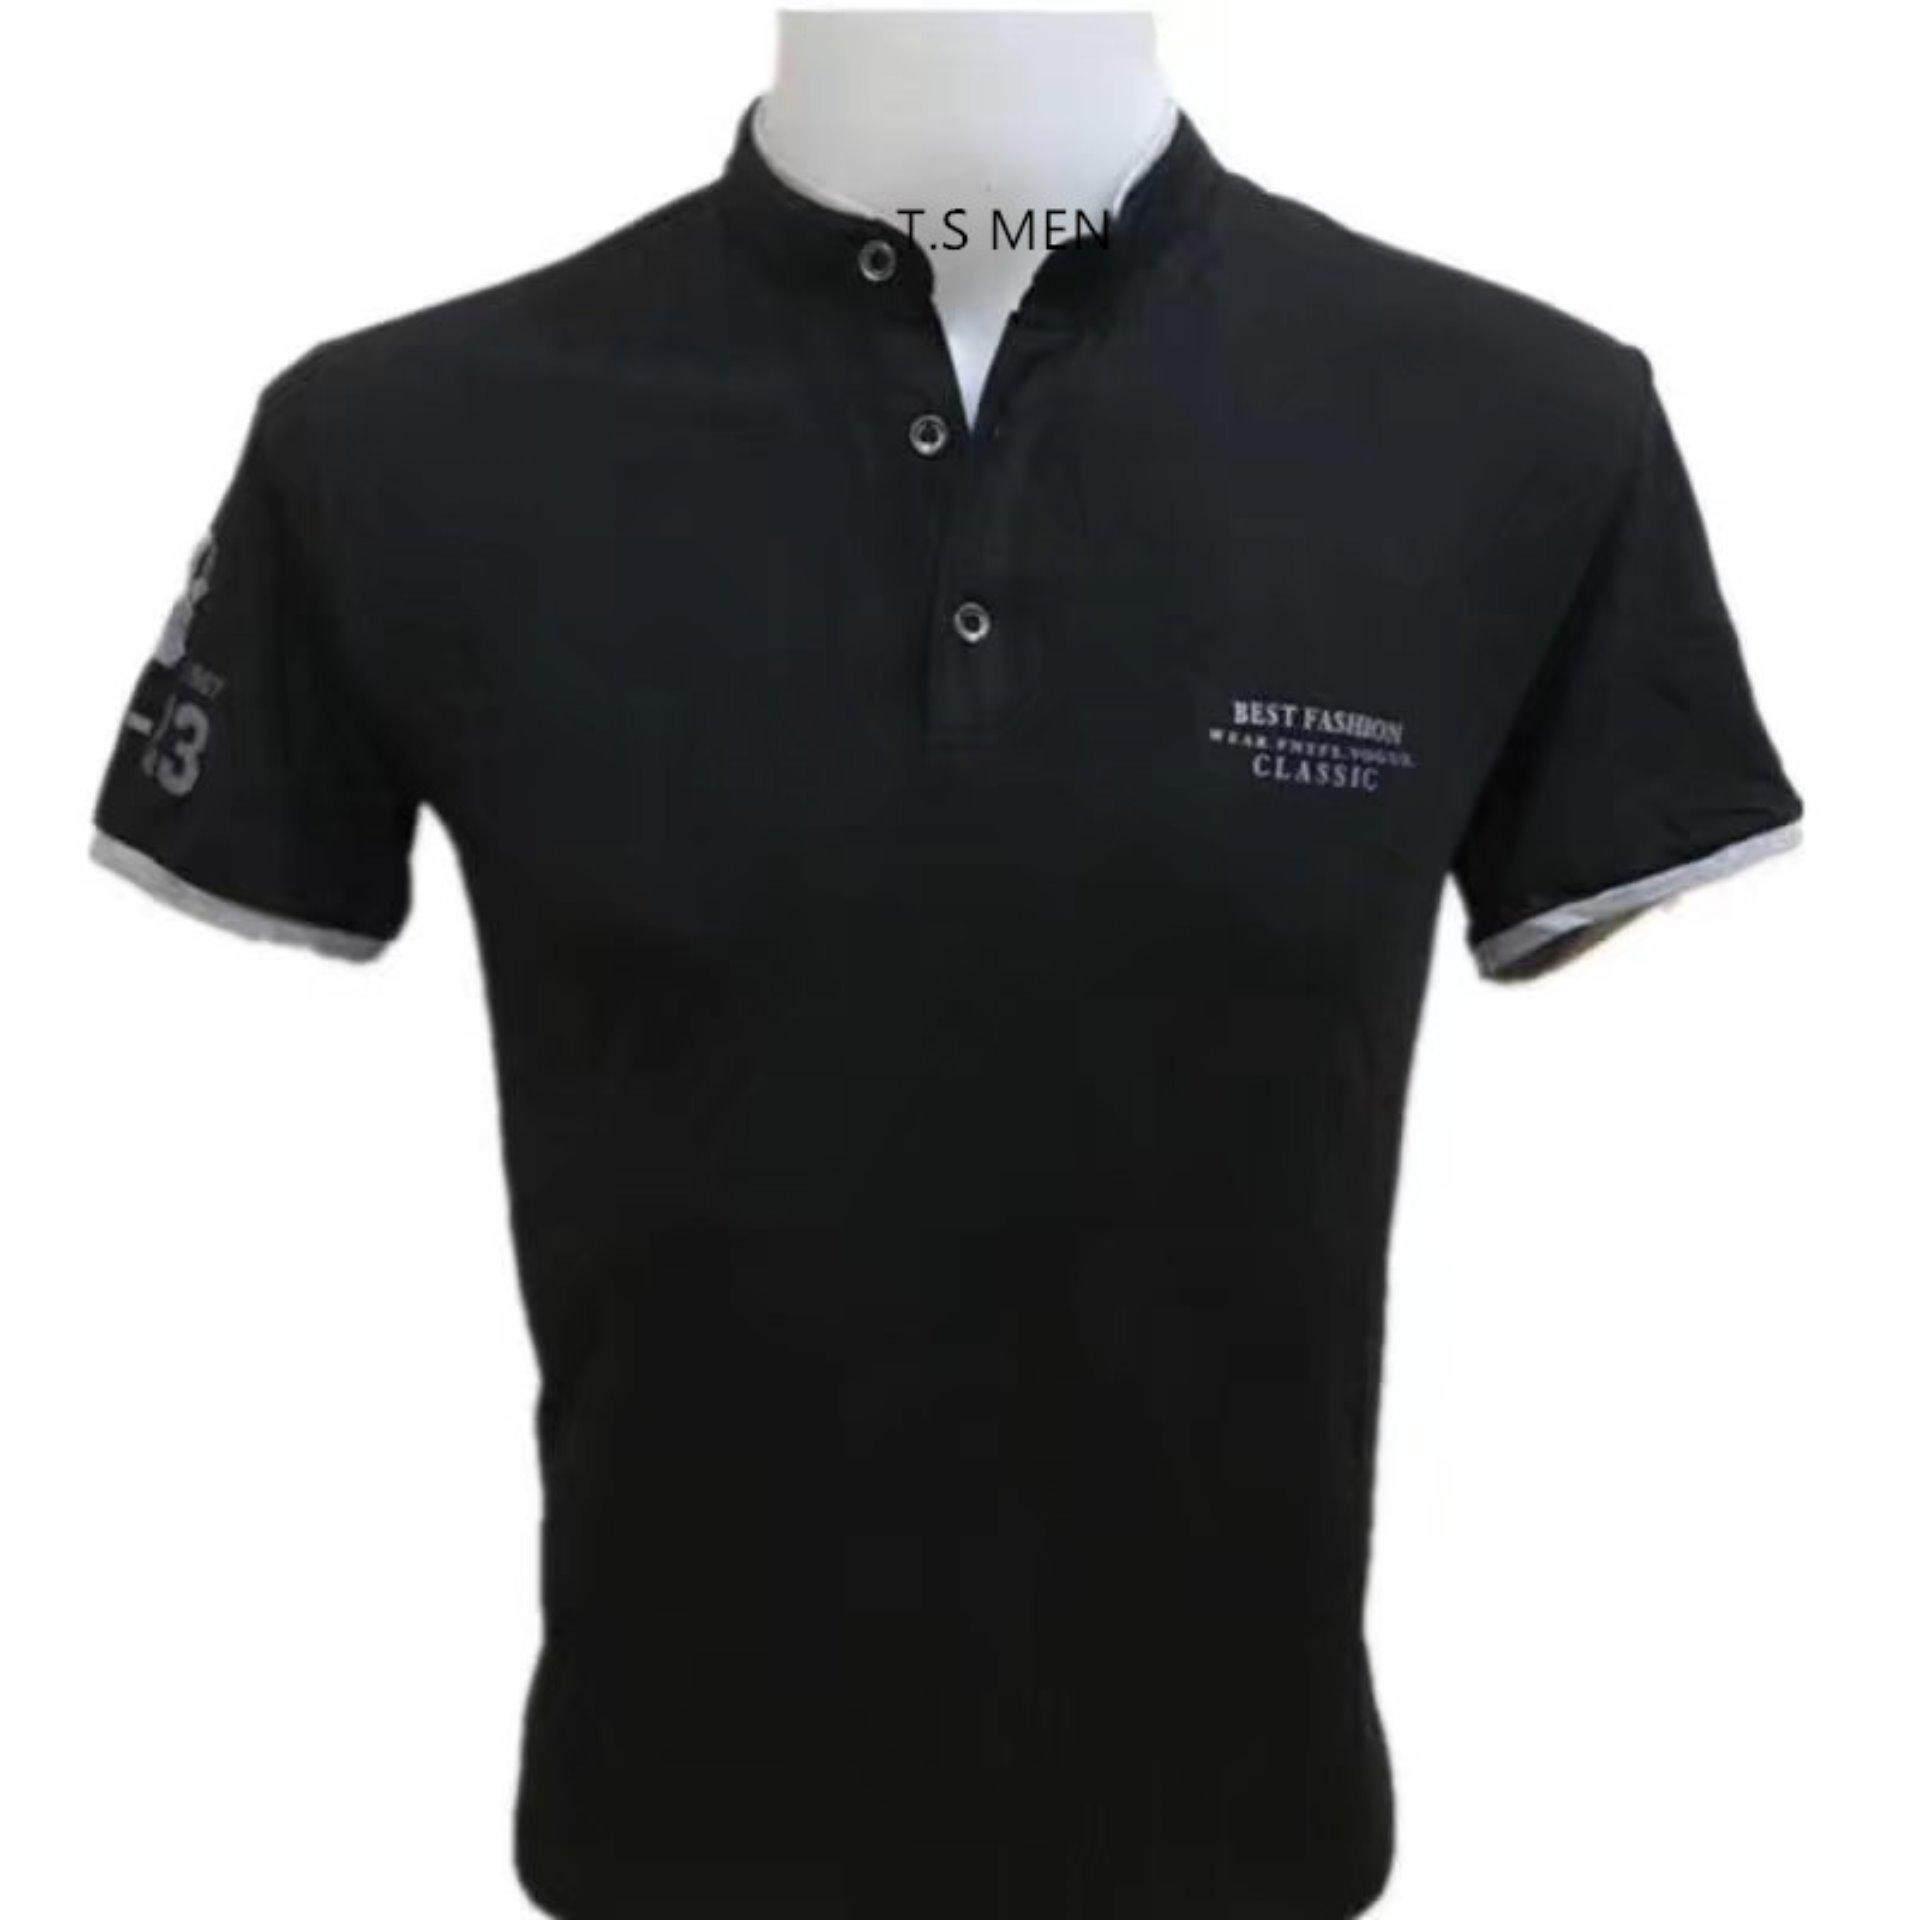 เสื้อยืดผู้ชายMen S T Shirtเสื้อยืดแฟชั่นผู้ชาย Polo Shirtเสื้อโปโล ใน กรุงเทพมหานคร